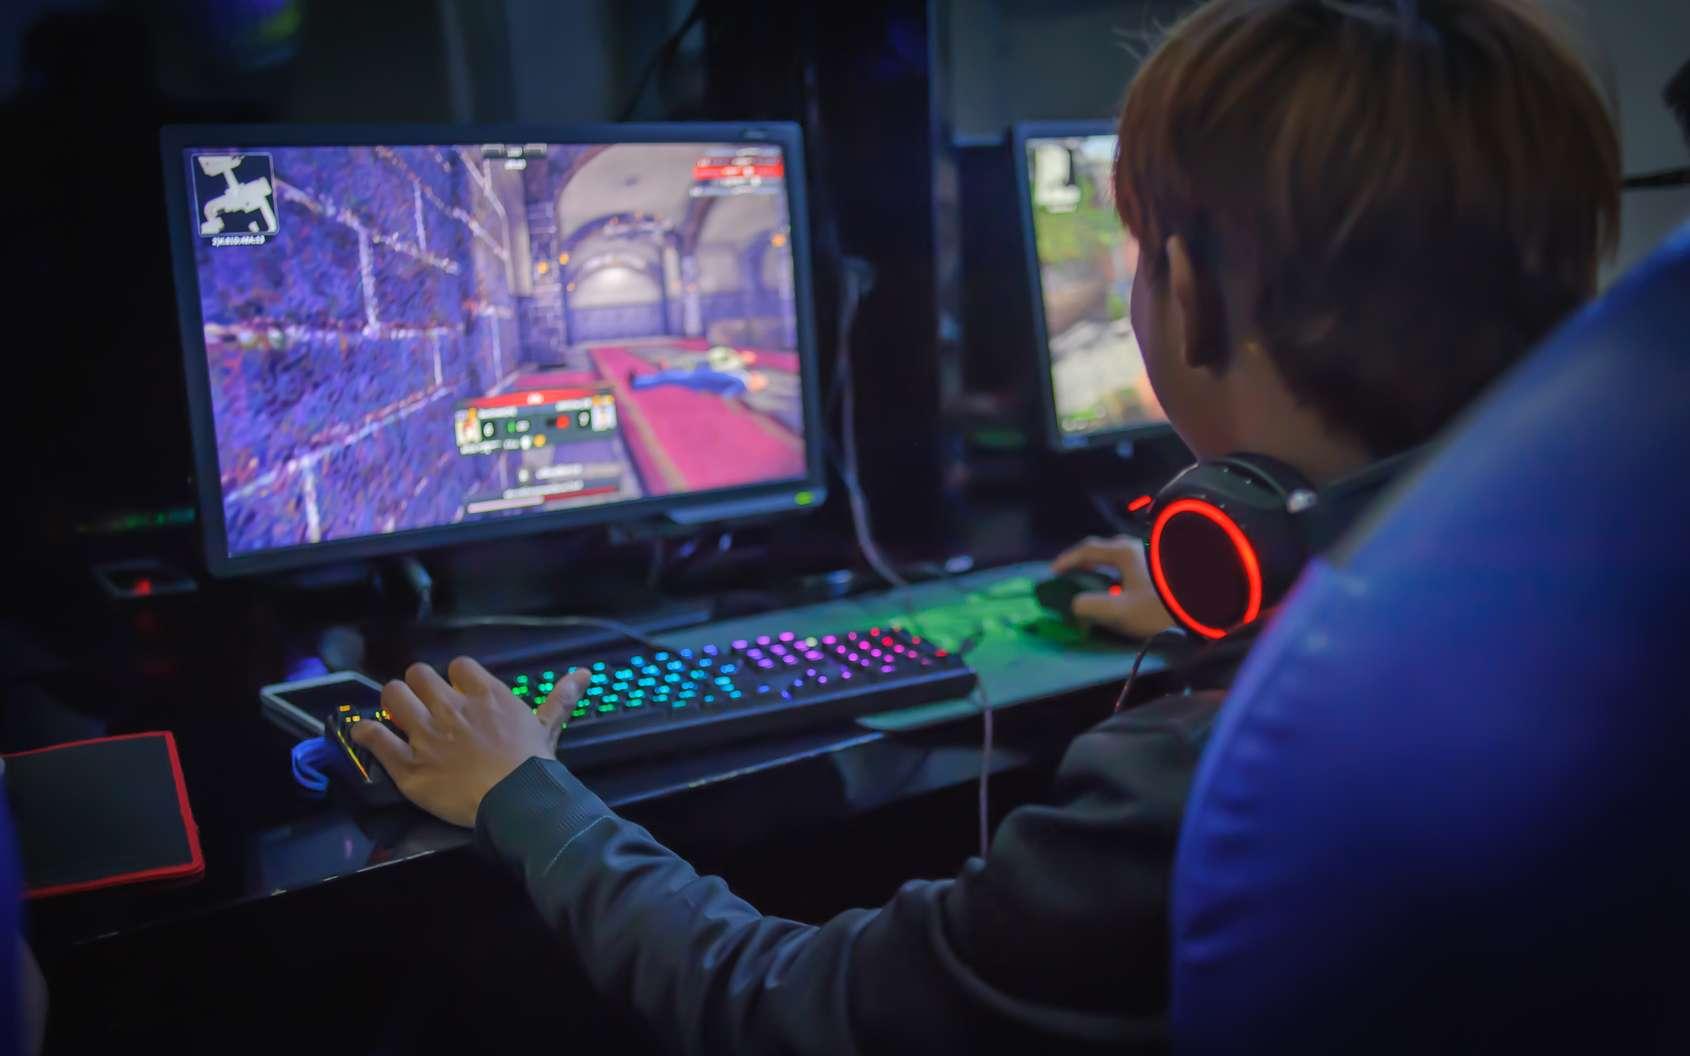 Les nouvelles possibilités offertes par le streaming au service du jeu vidéo seront un des sujets phares du salon E3 cette année. © ohishiftl, Fotolia